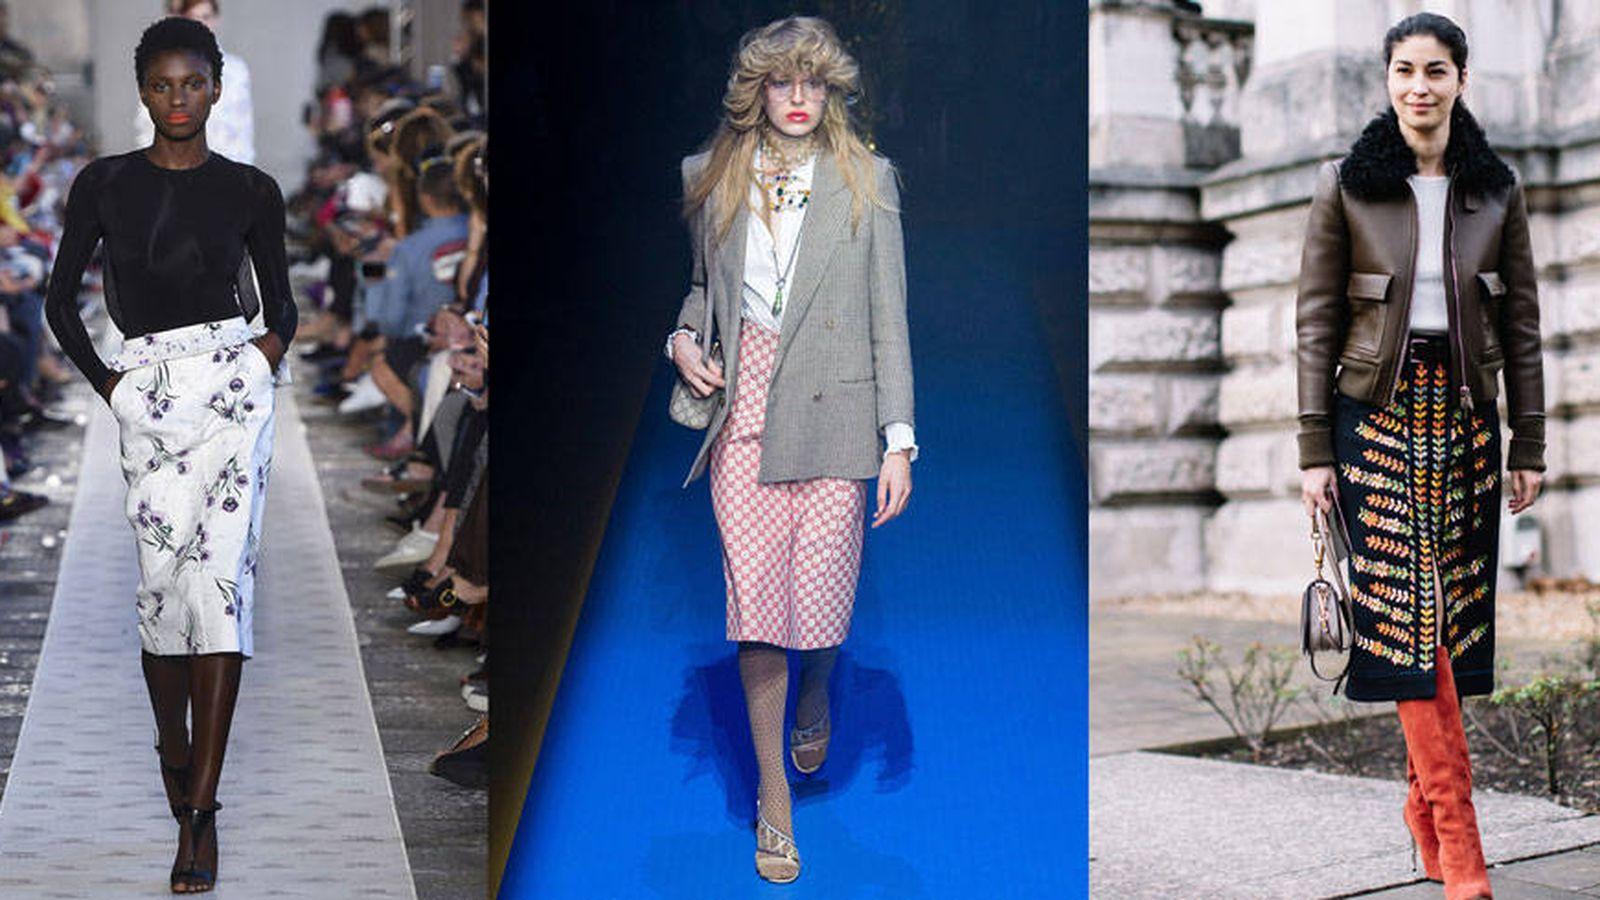 Foto: Imágenes de pasarela de Max Mara y Gucci. A la derecha, Caroline Issa con falda y cazadora. (Foto: Imaxtree)